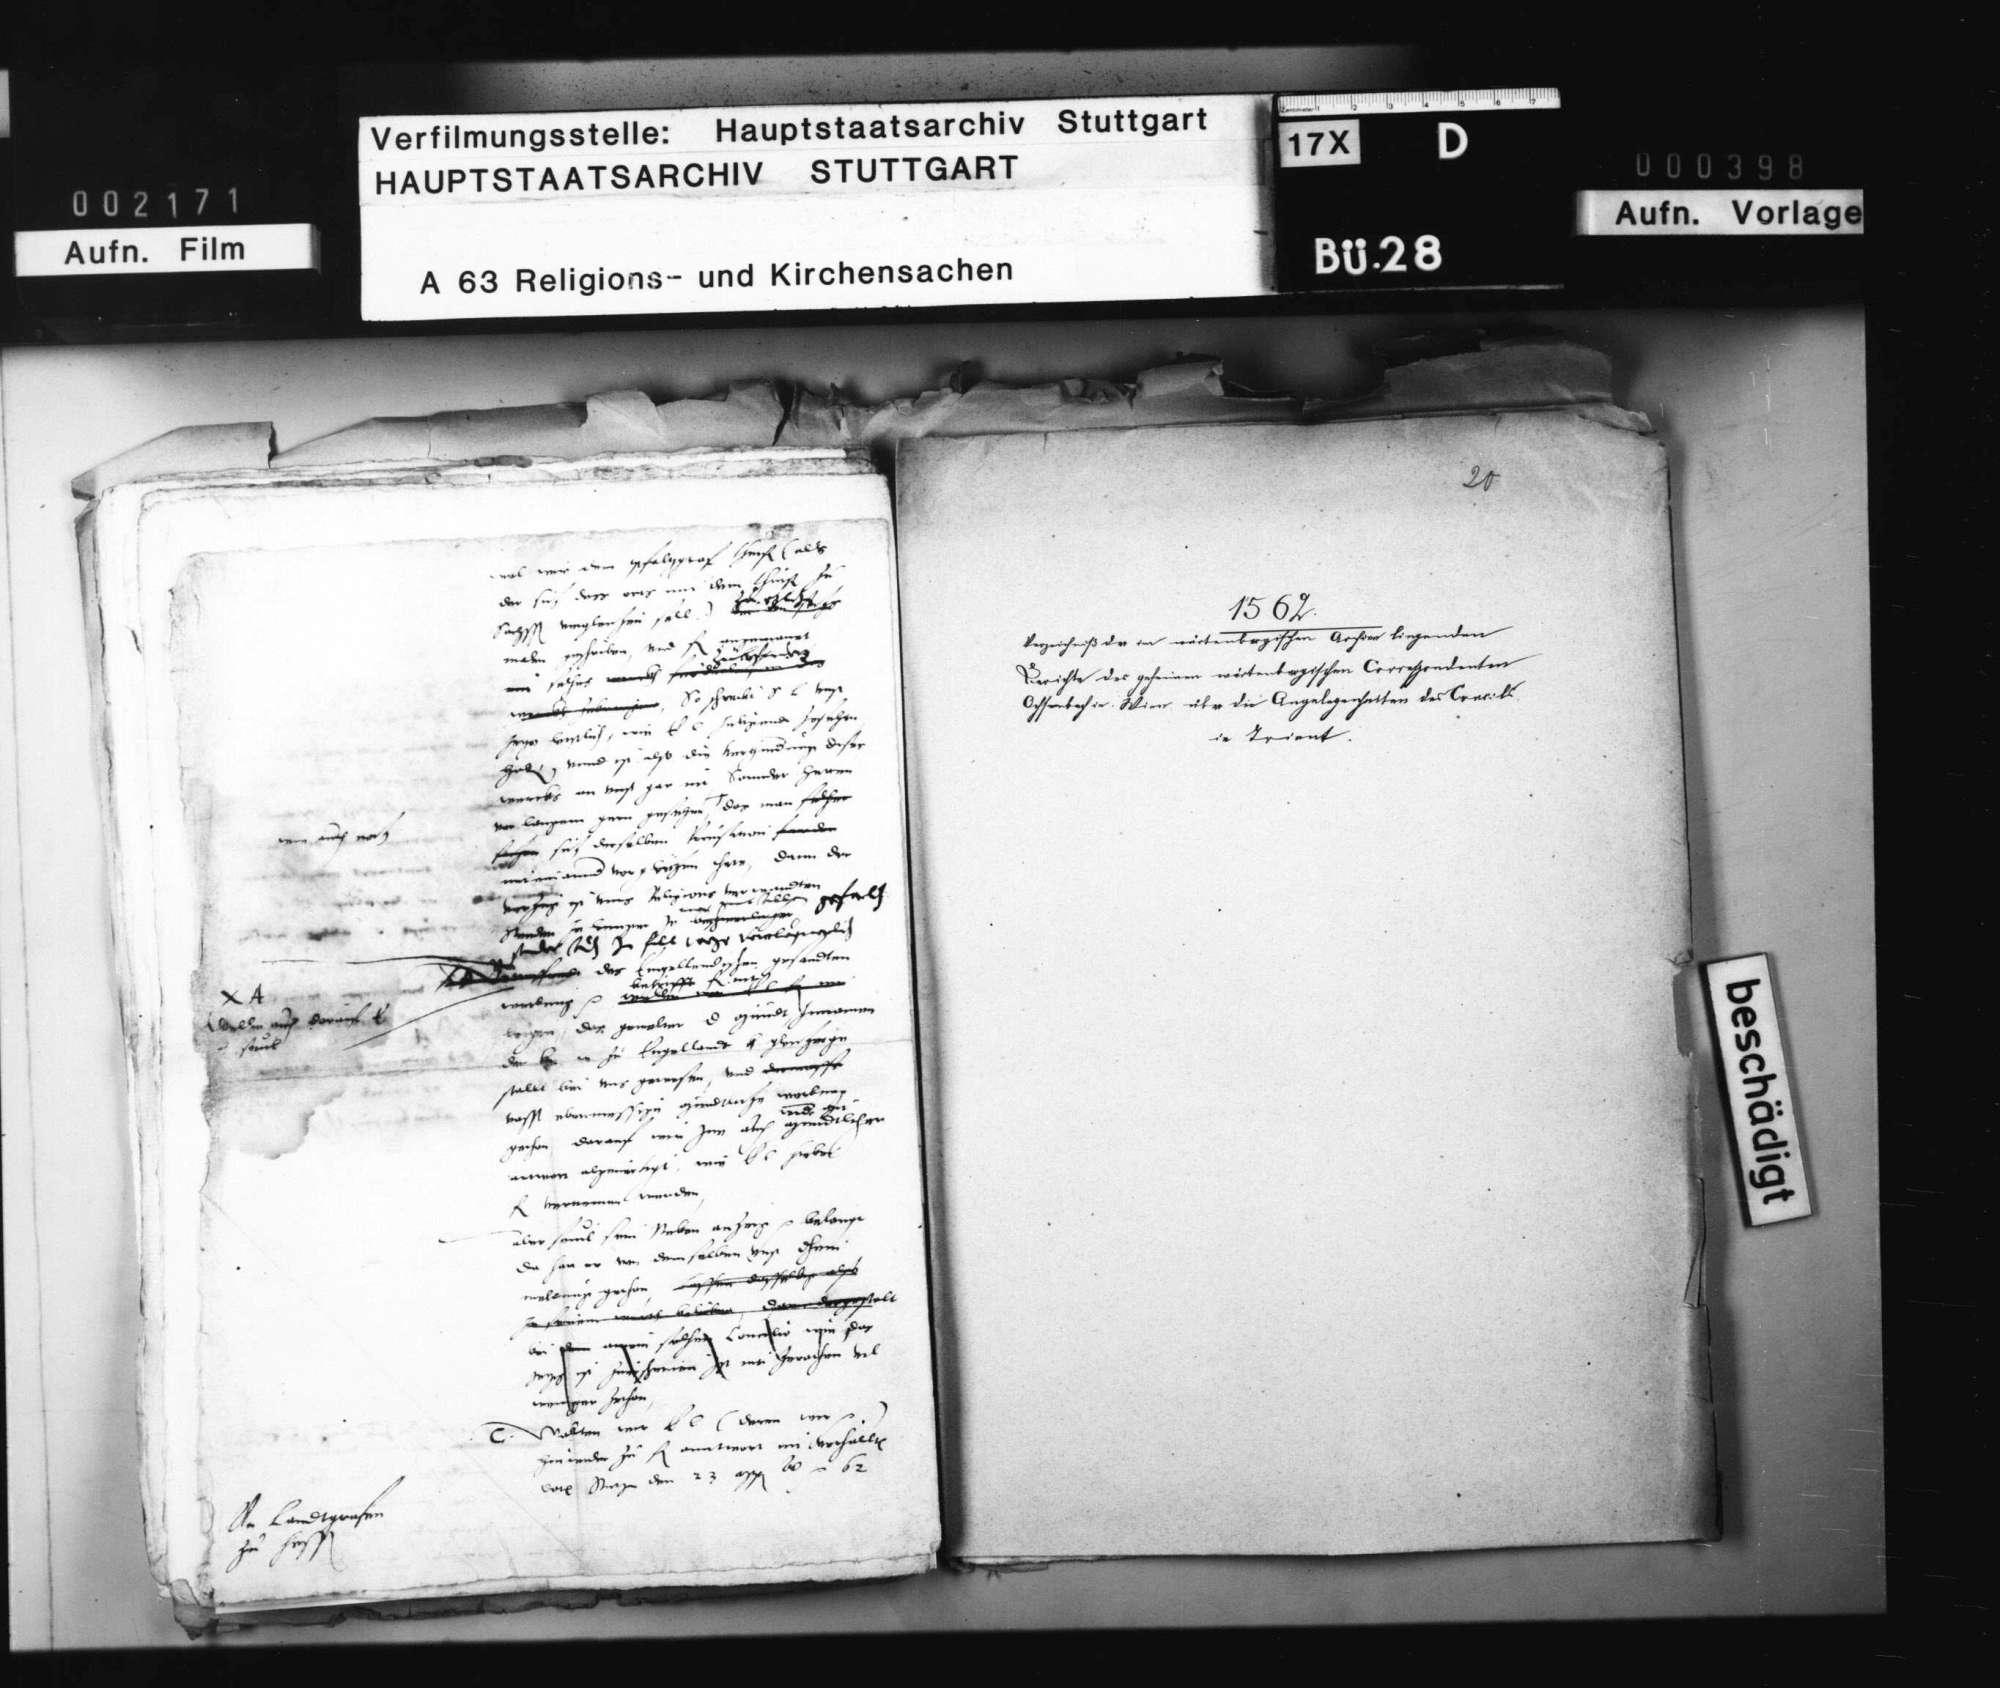 Aktenverzeichnis zu den Berichten des geheimen württembergischen Korrespondenten in Wien, Ochsenbach., Bild 1